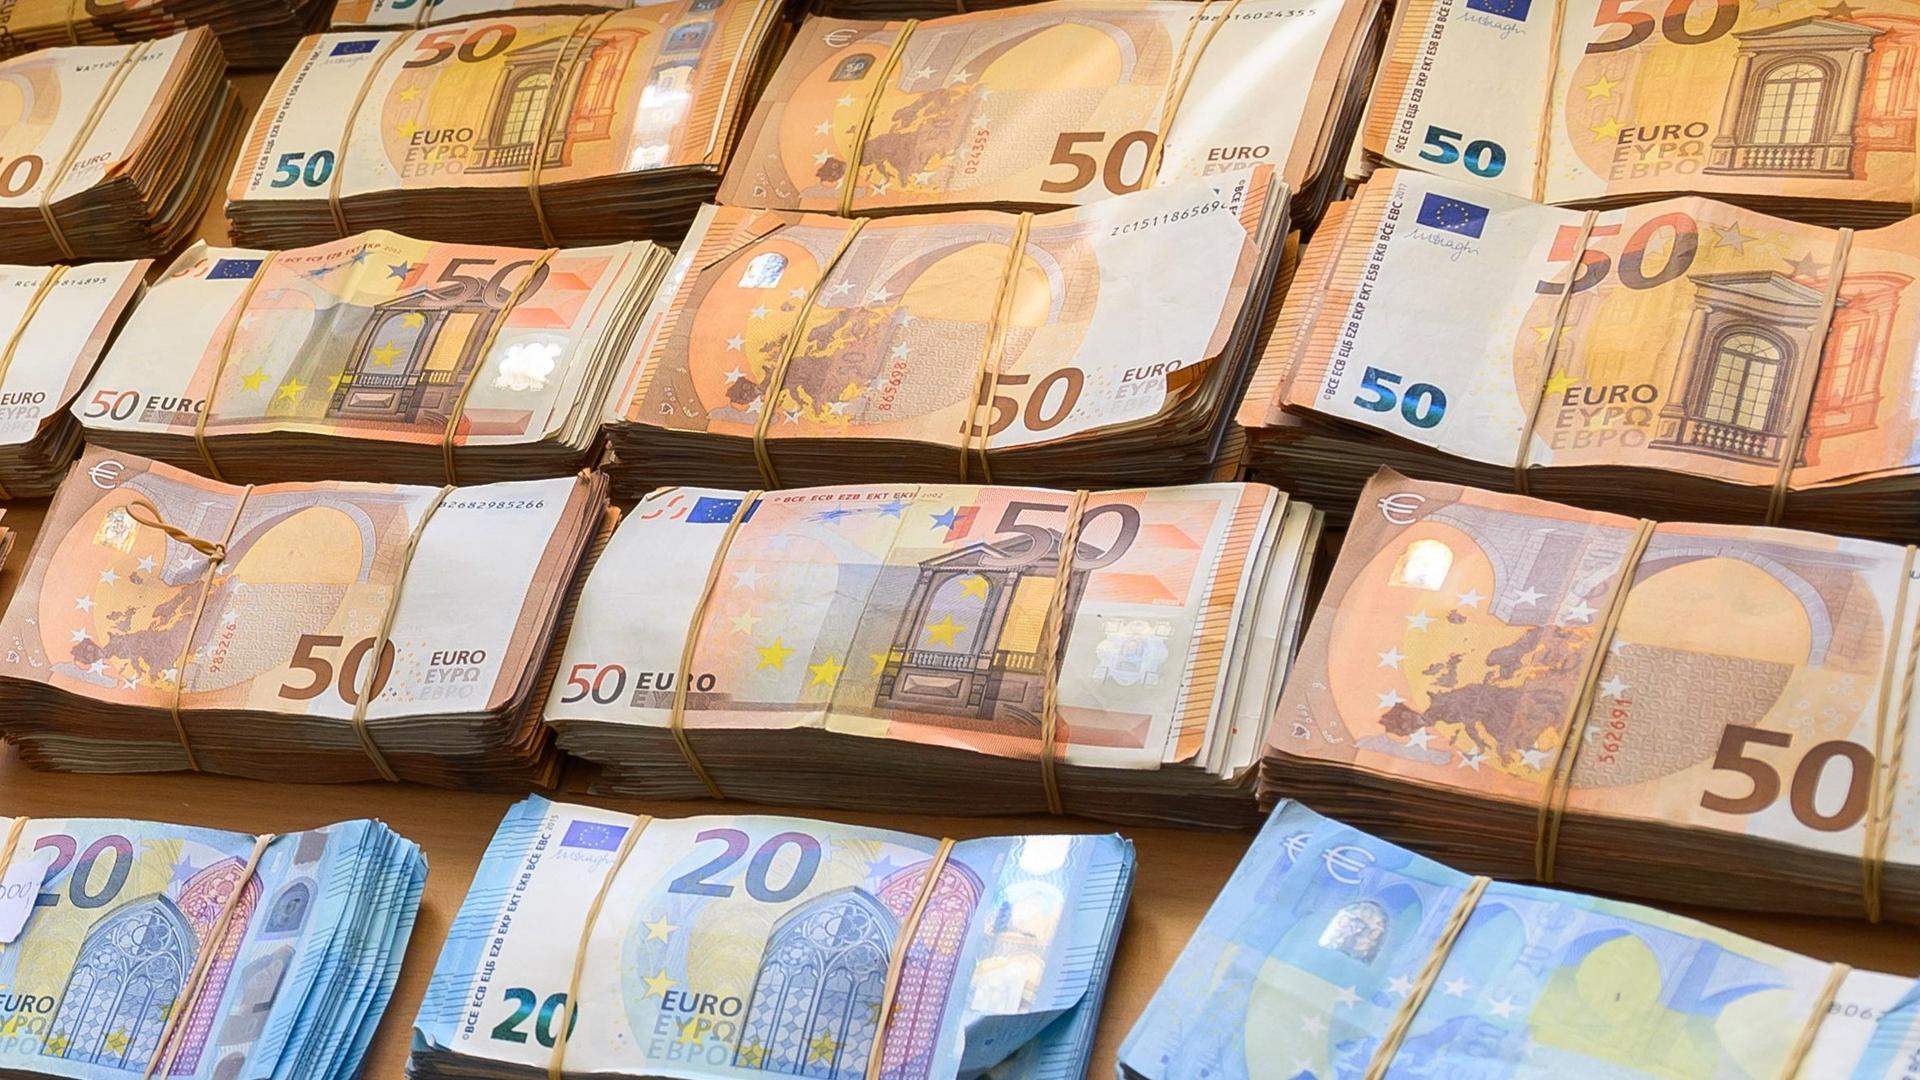 Ganz viele Banknotenbündel, 50er und 20er